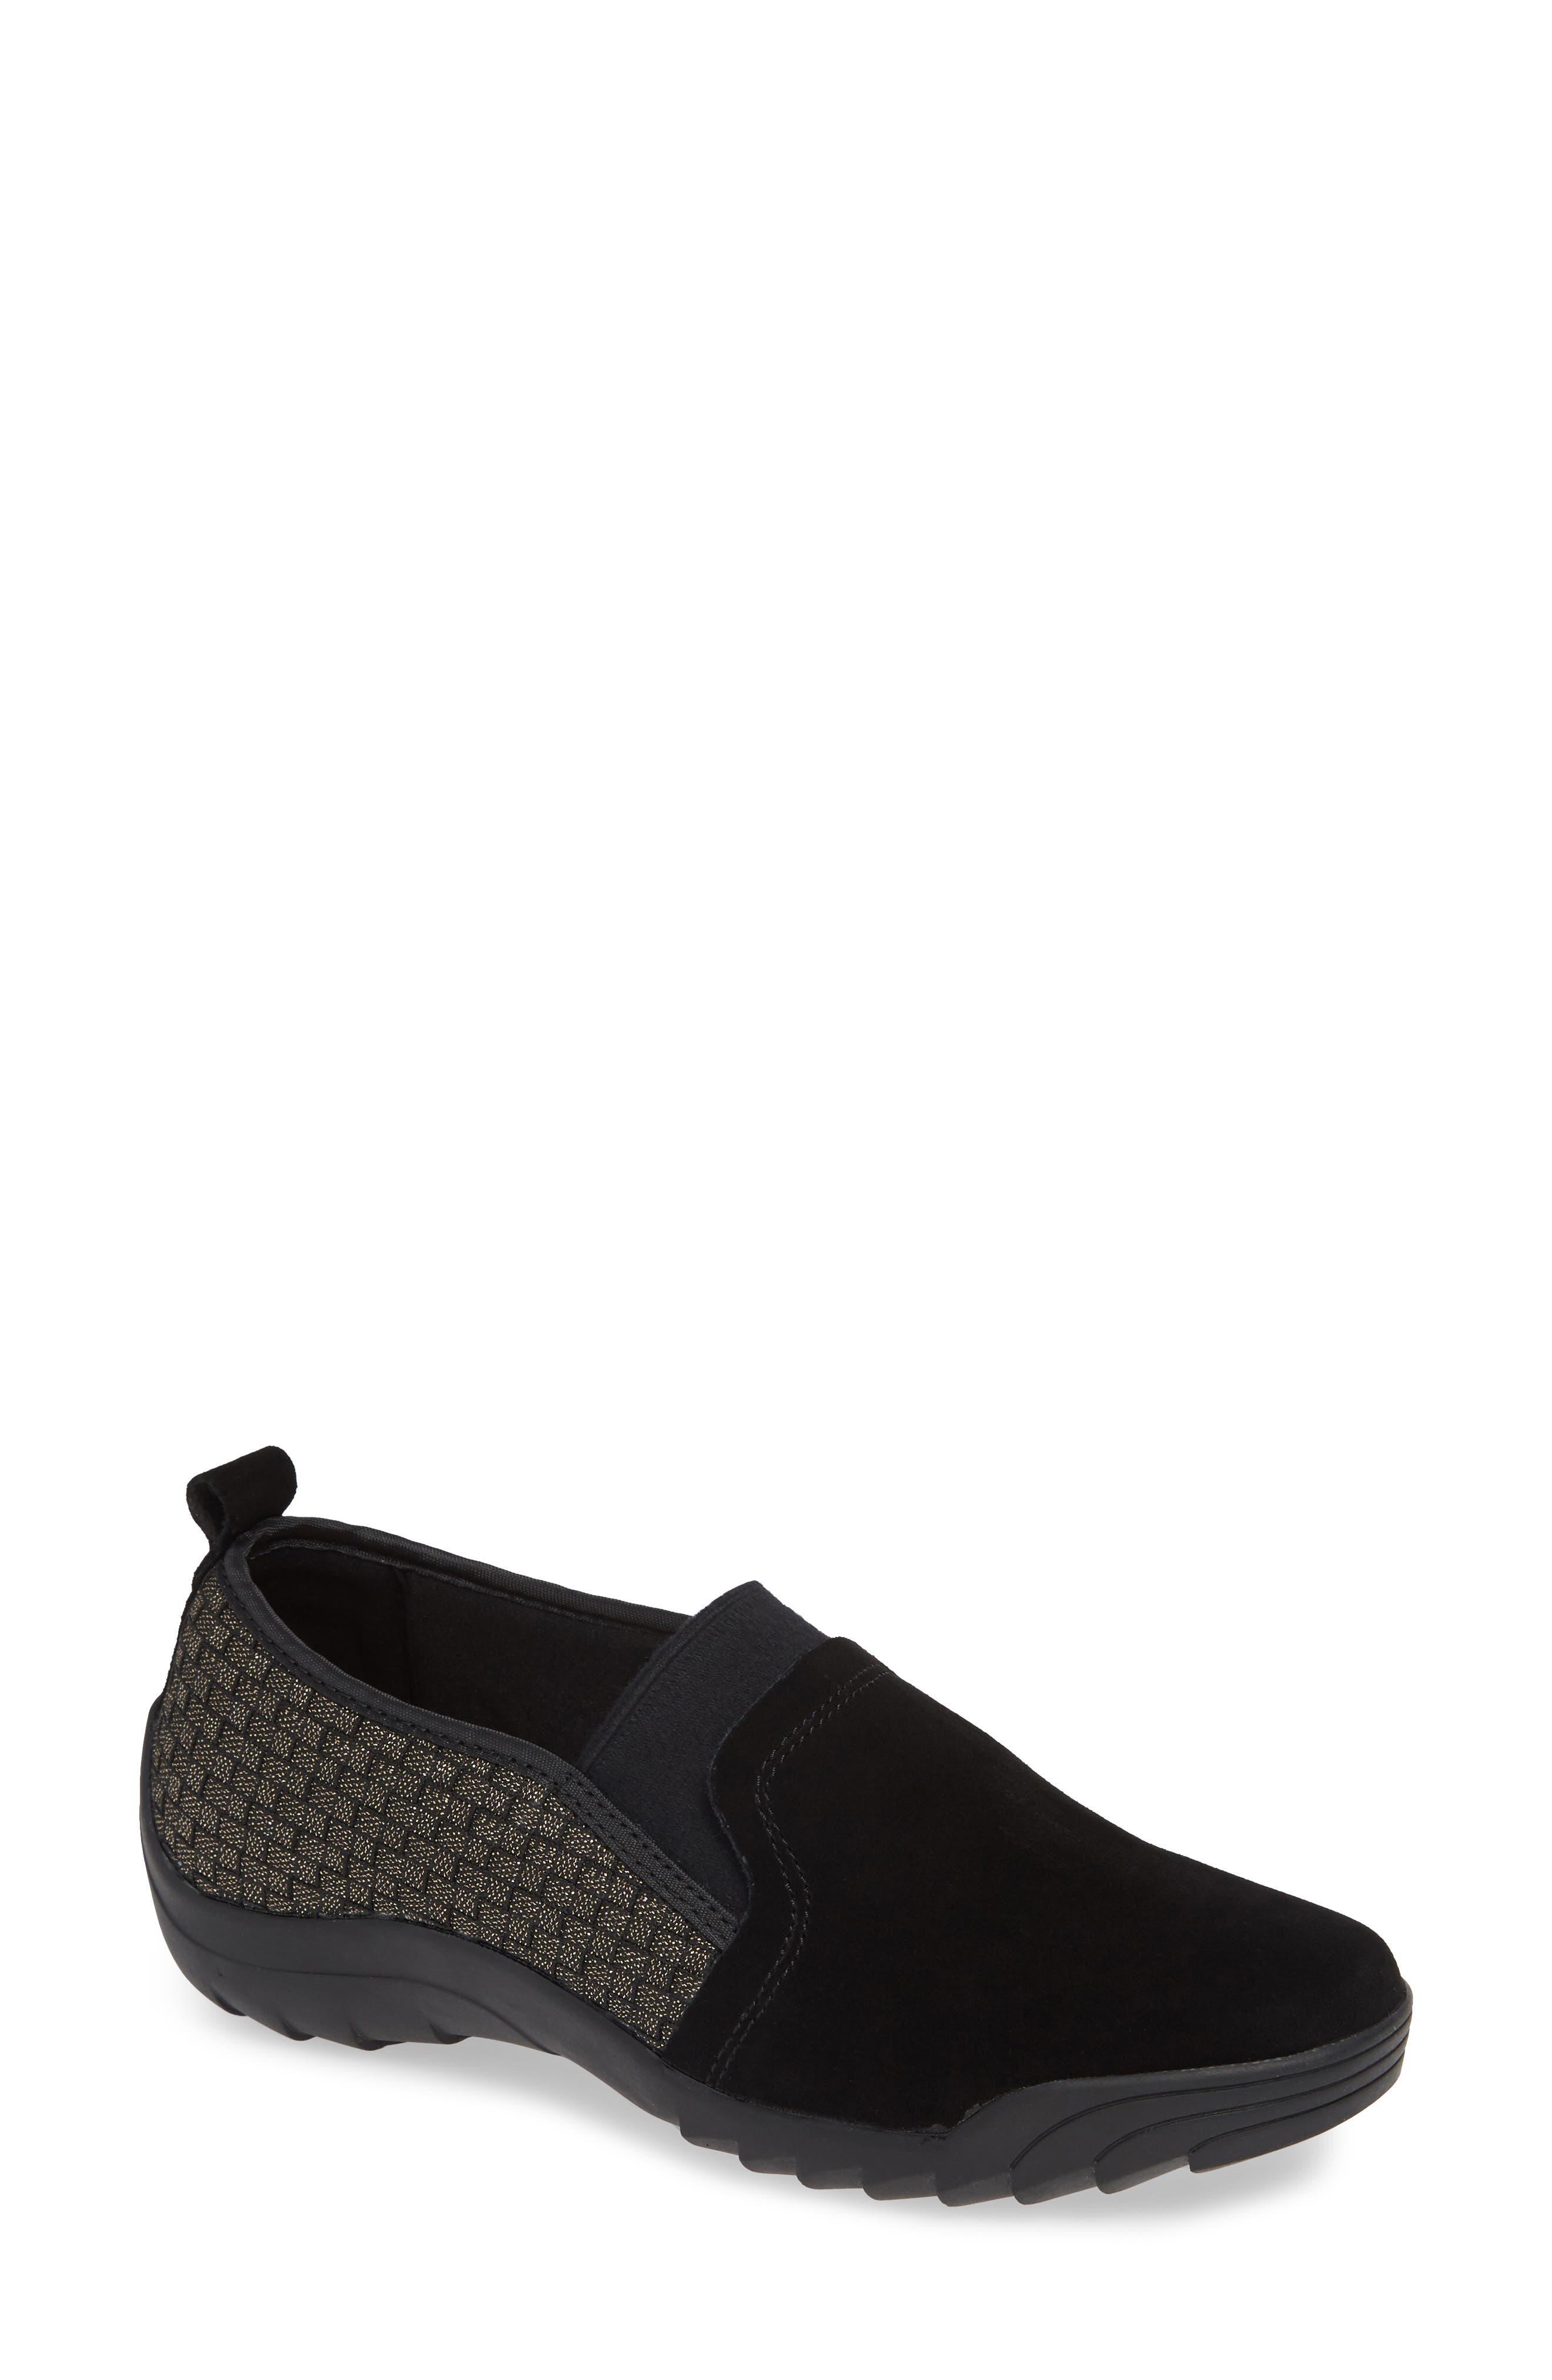 Swift Slip-On Sneaker,                             Main thumbnail 1, color,                             Gold Black Shimmer Leather